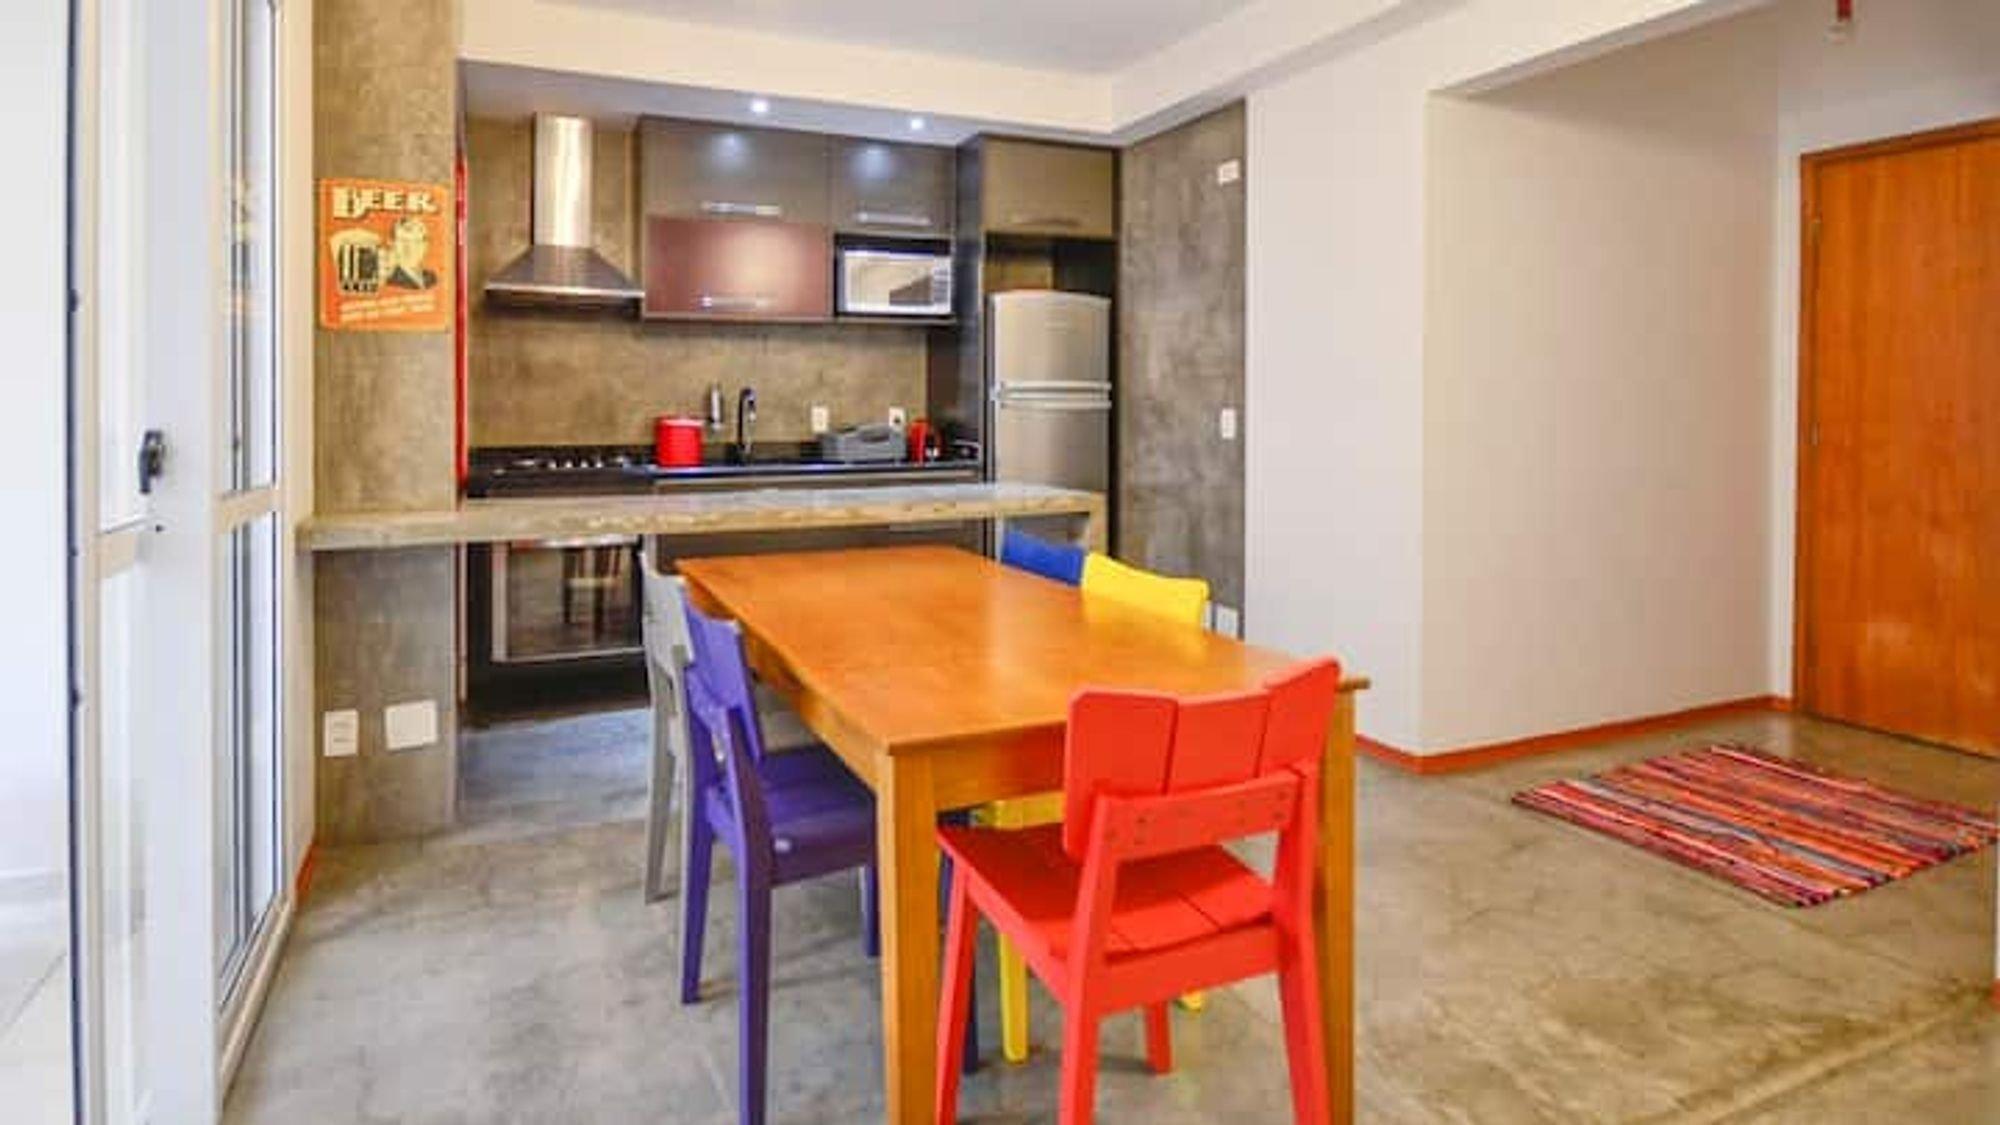 Foto de Sala com forno, cadeira, microondas, mesa de jantar, xícara